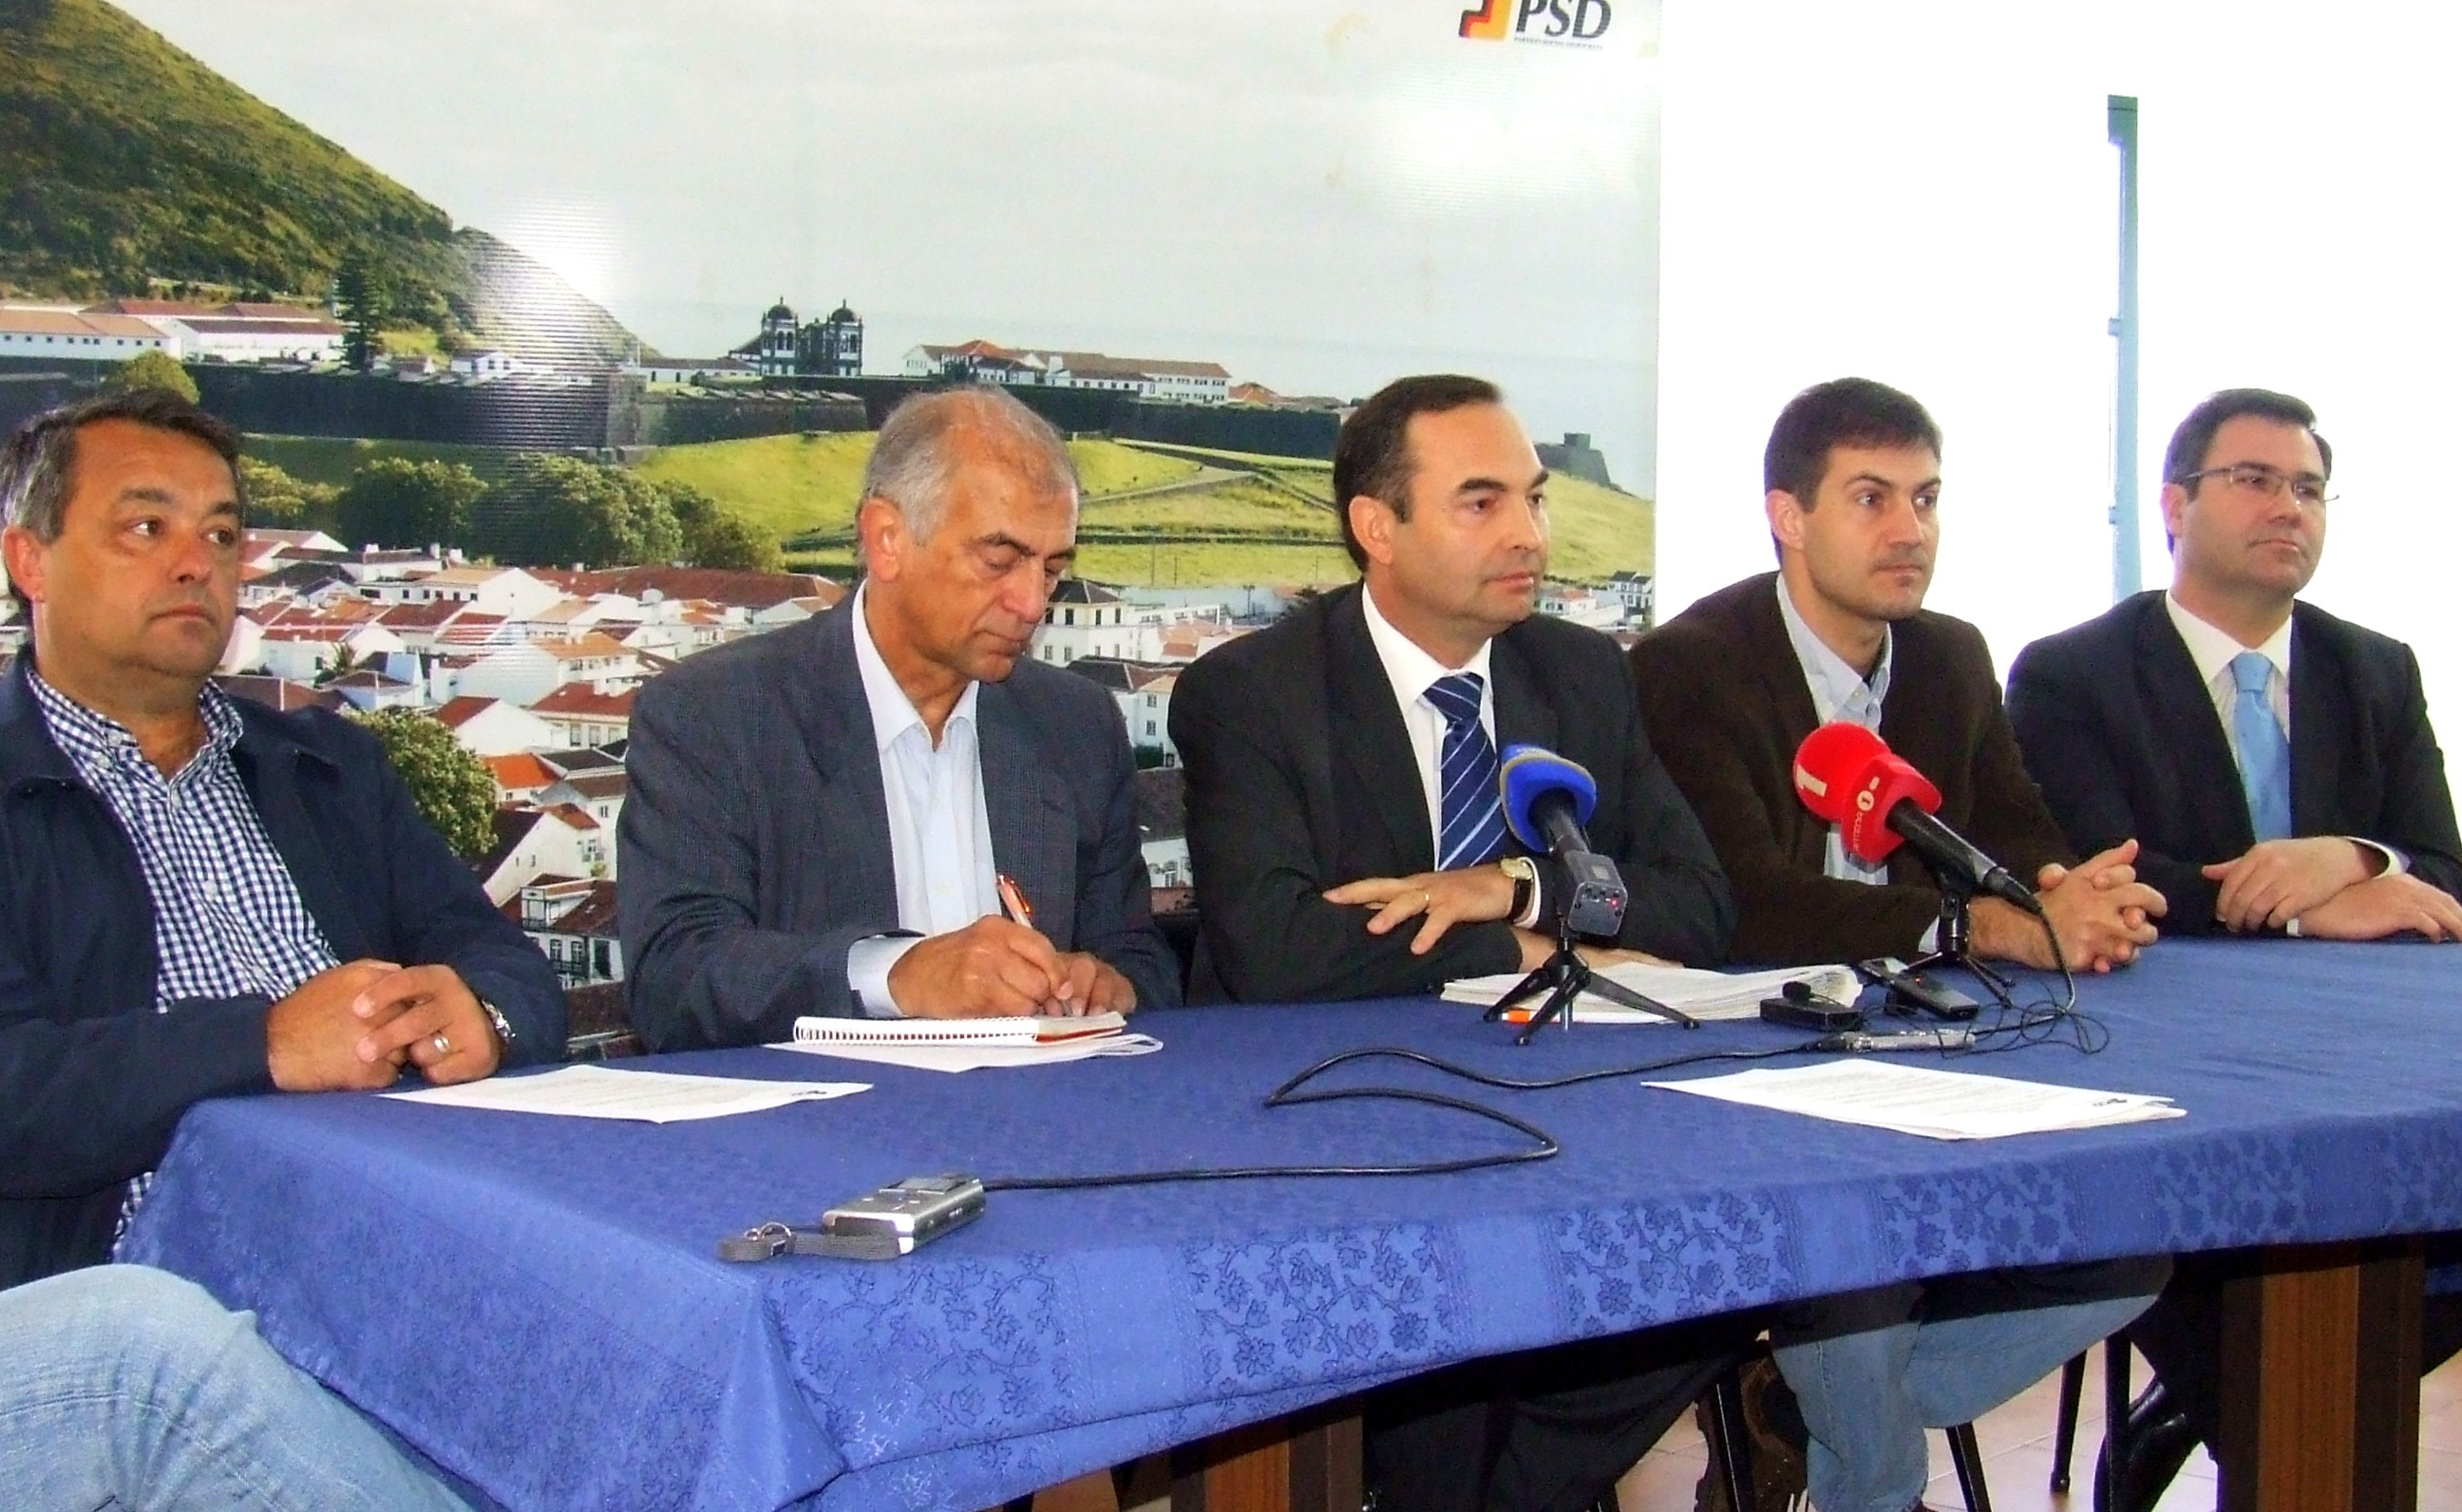 A Terceira está posta de parte pelo Governo Regional, acusa o PSD/Terceira